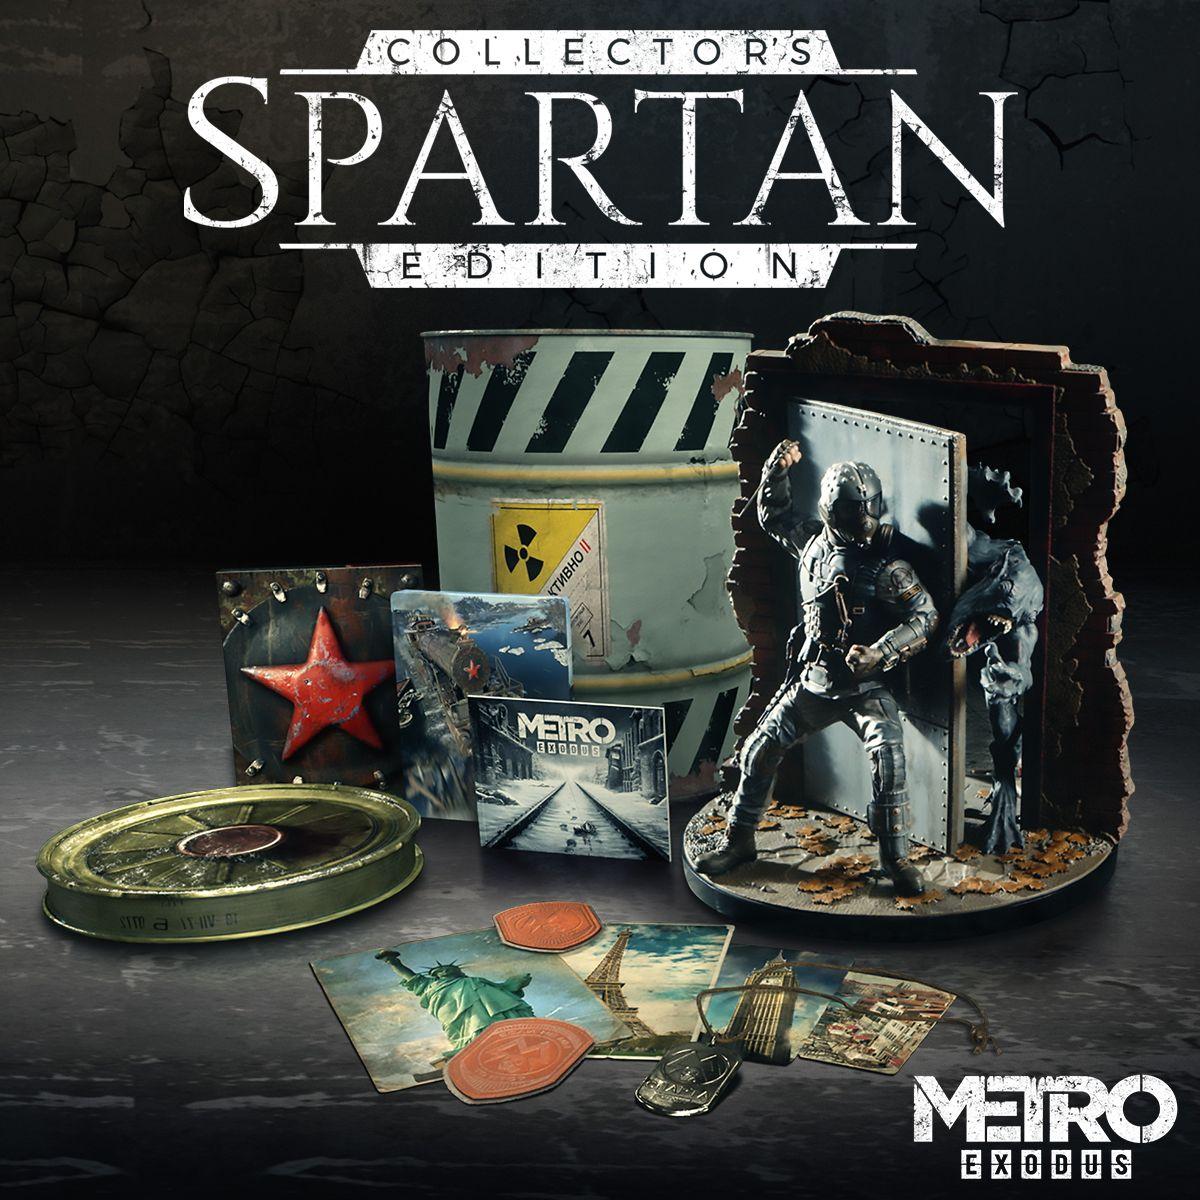 metro exodus spartan edition artyom collectors statue watchman collector